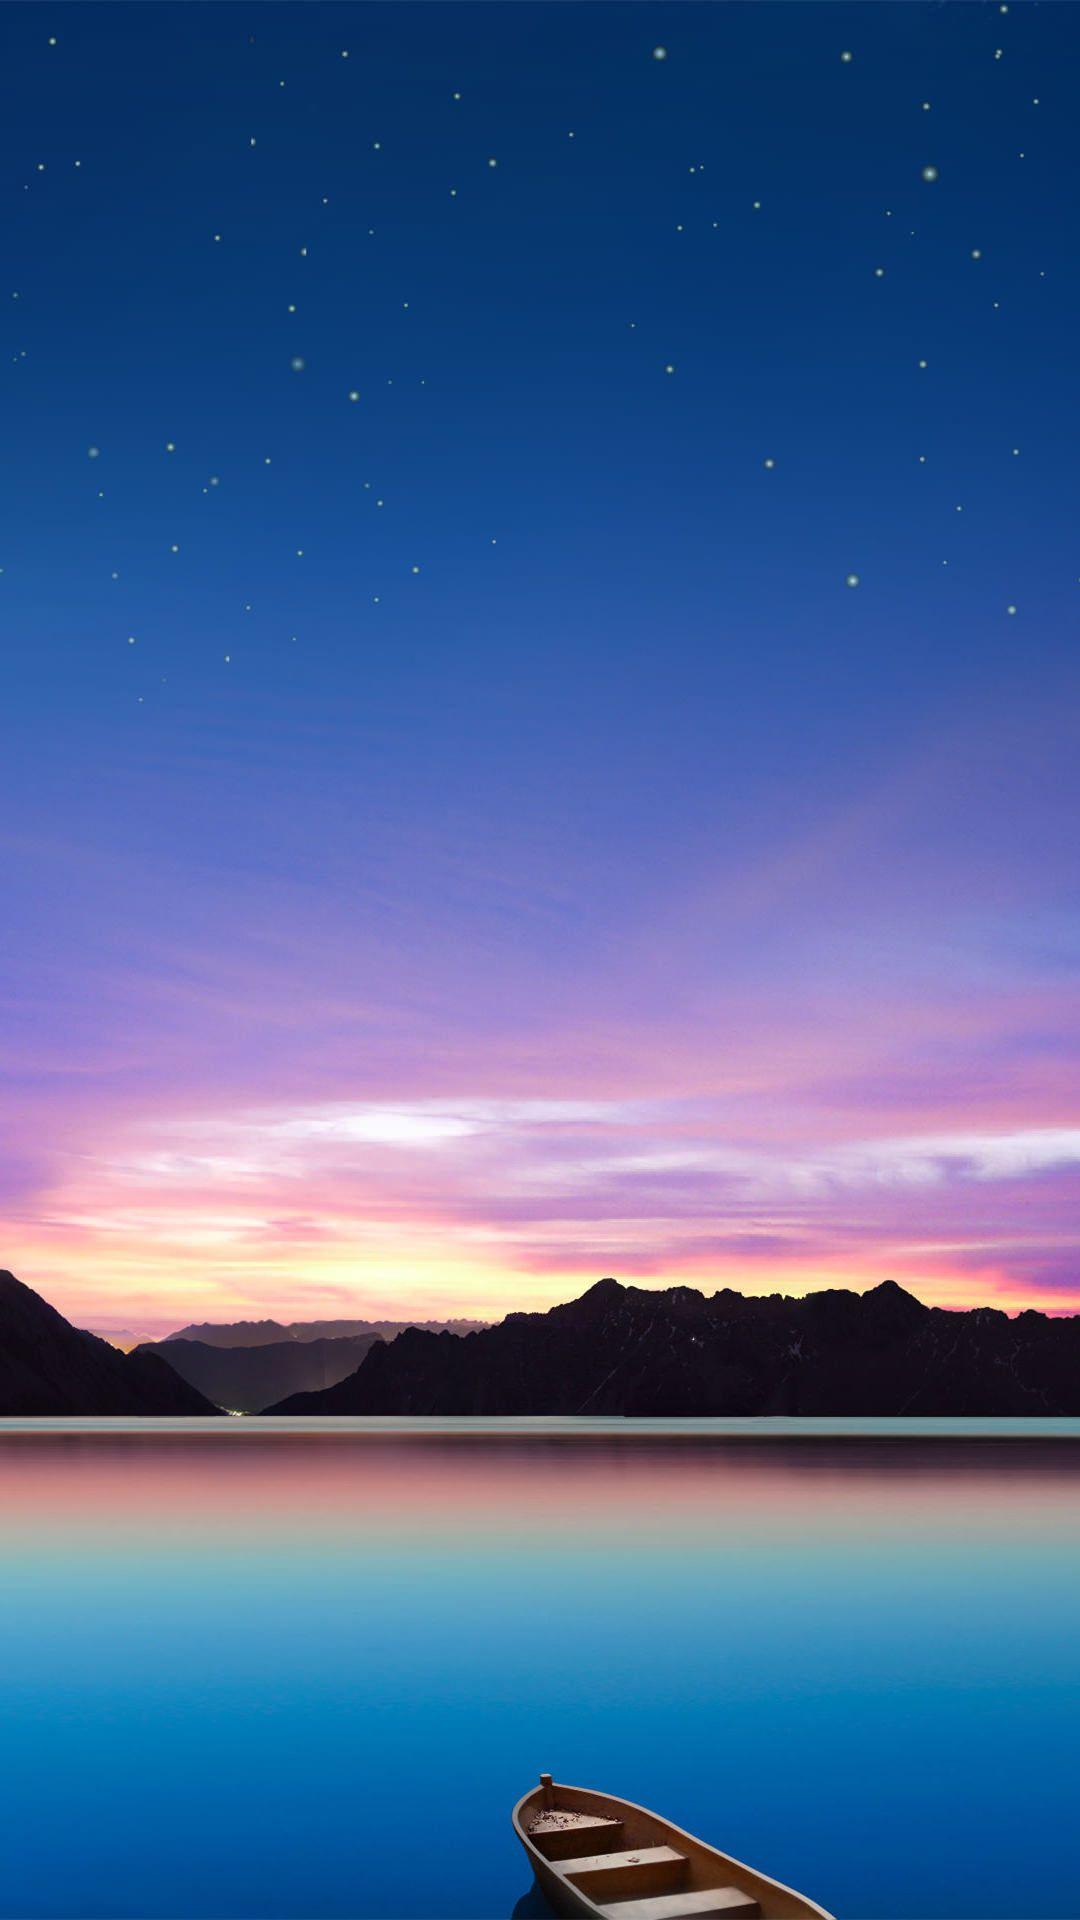 湖に浮かぶボートと星空 iPhone6 Plus 壁紙 Check http://www.